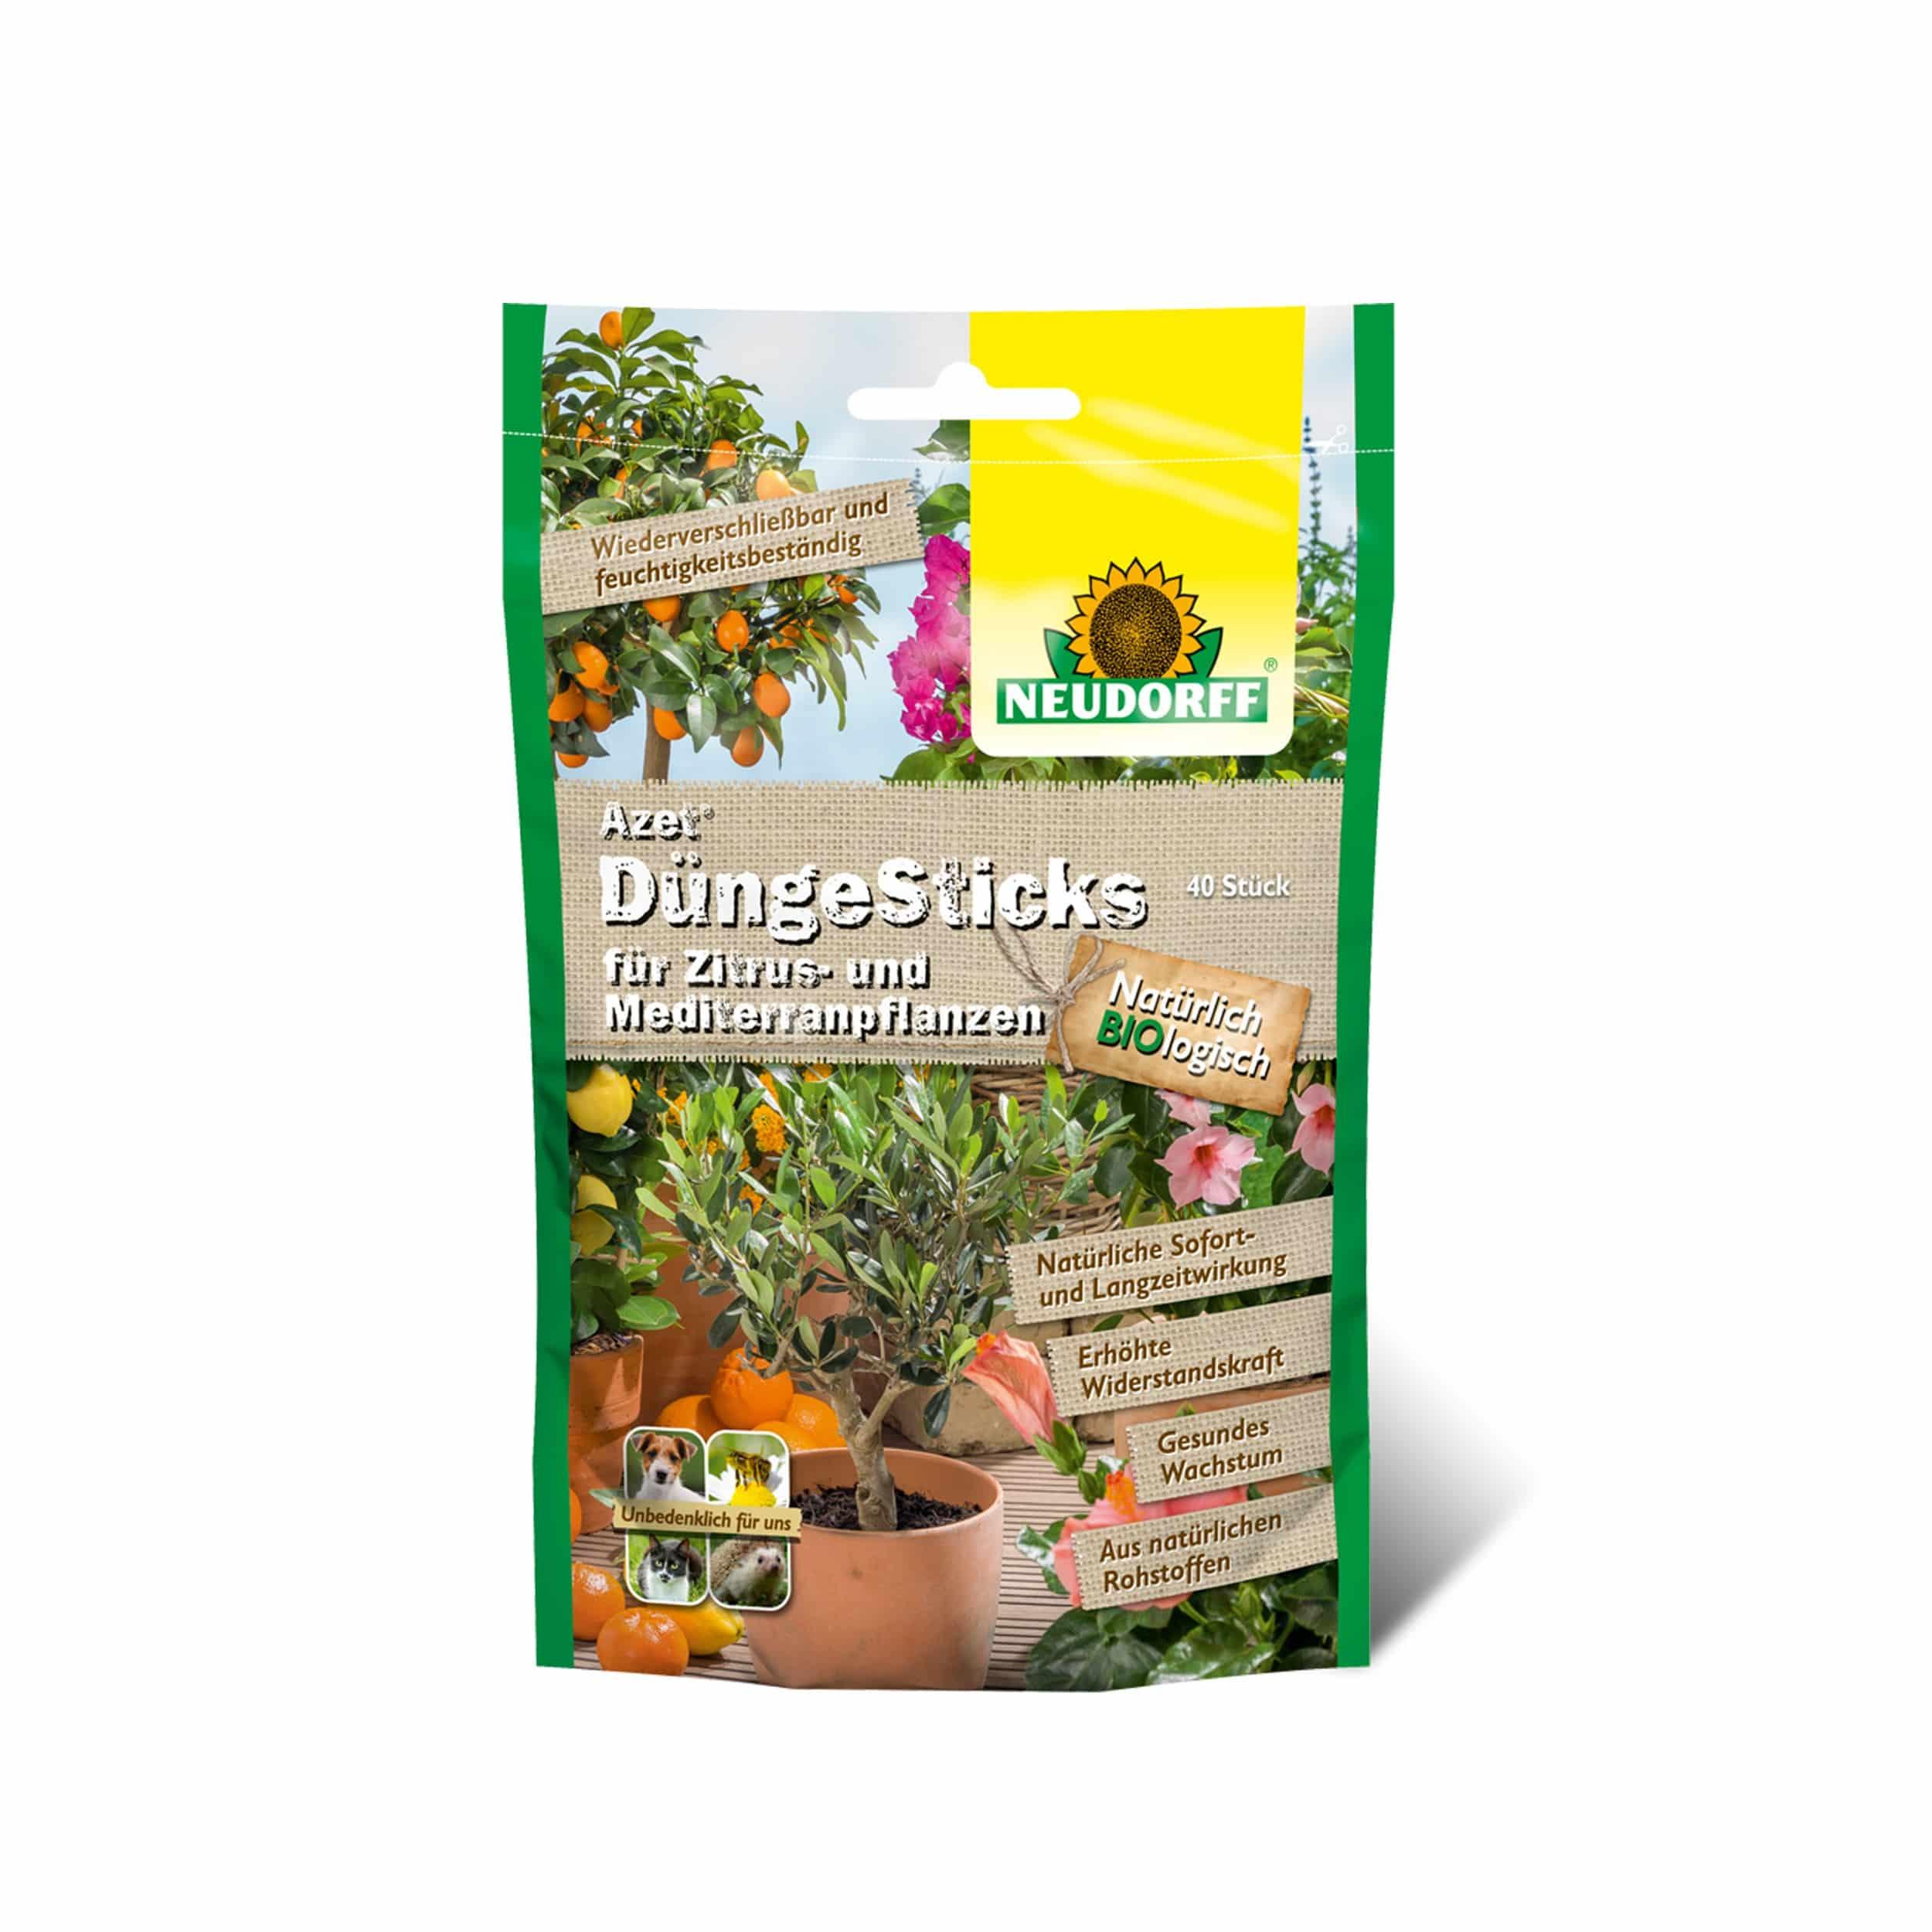 Azet DüngeSticks für Zitrus- und Mediterranpflanzen 40 Stück